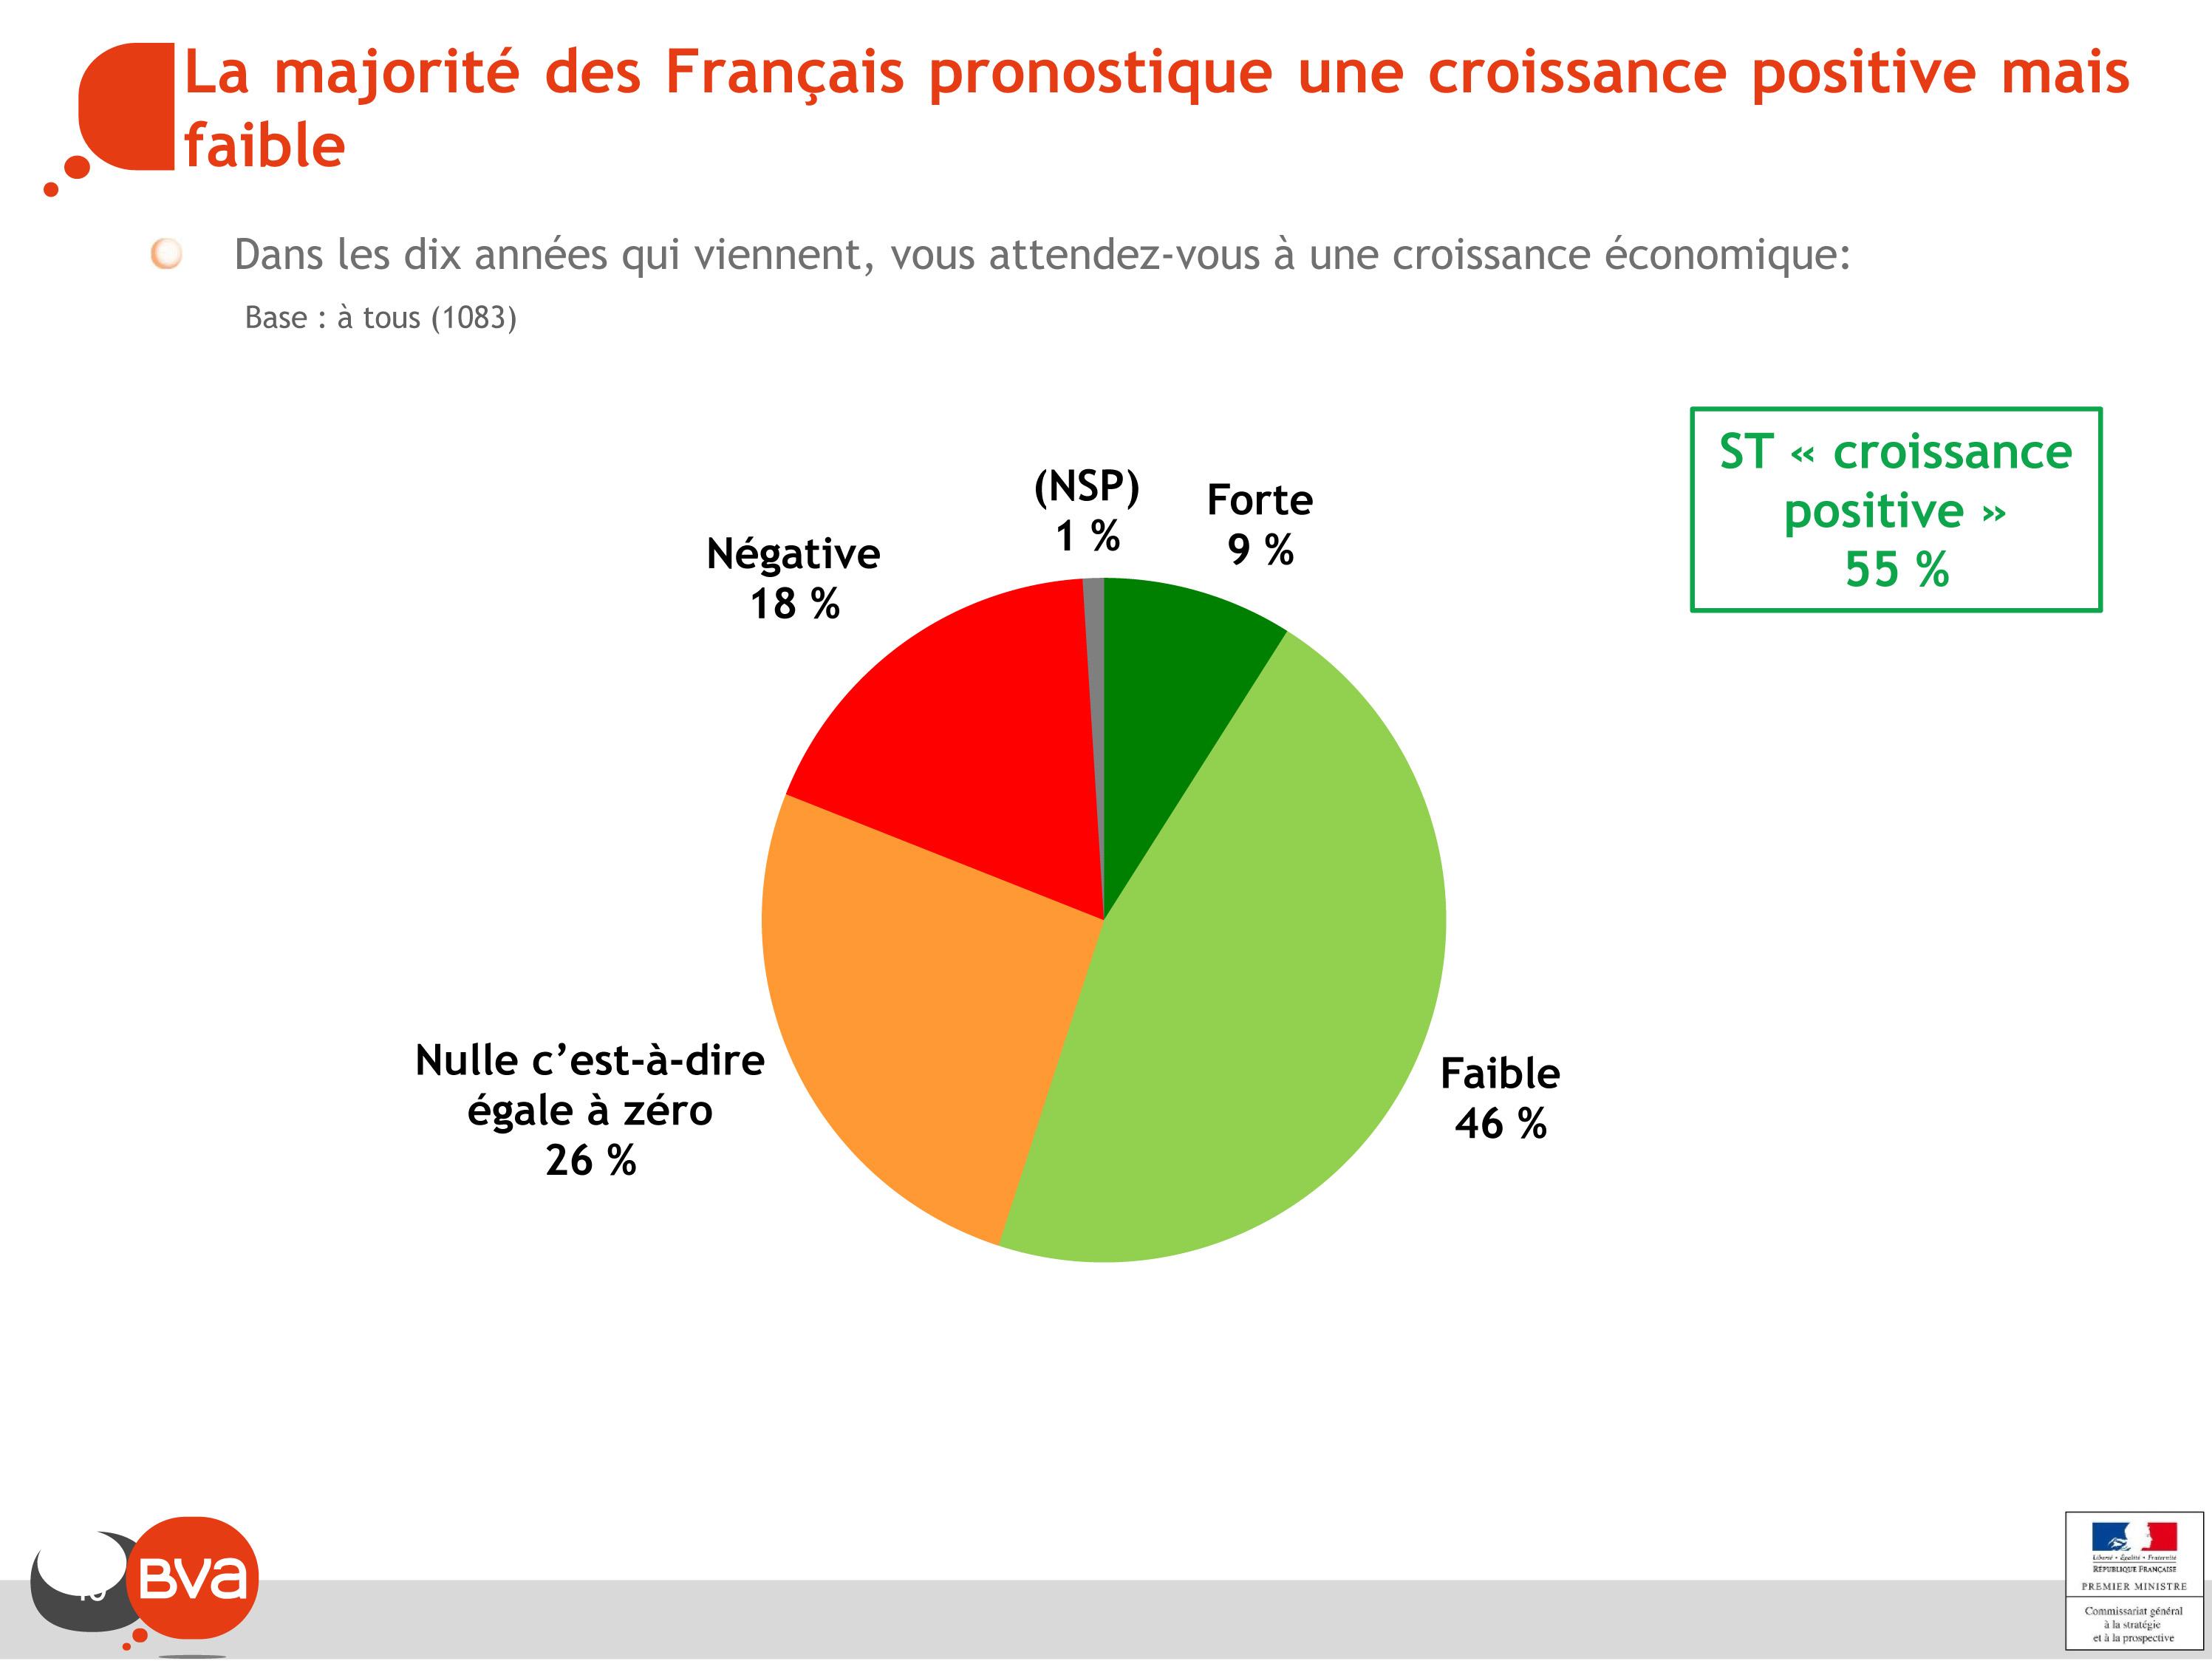 La majorité des Français pronostique une croissance positive mais faible